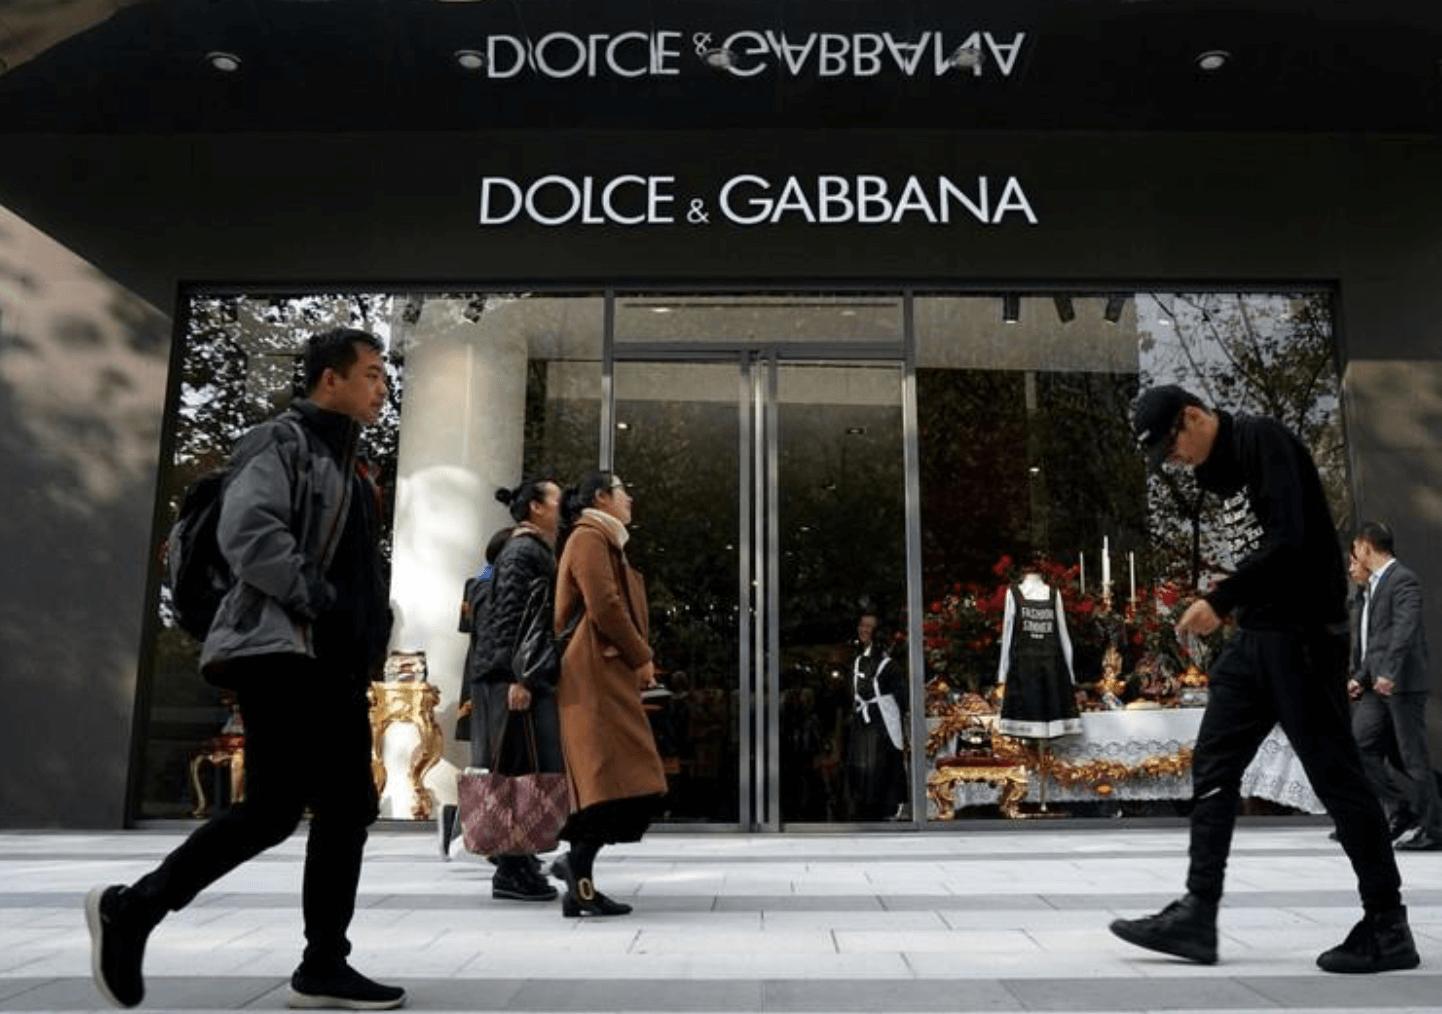 DOLCE&GABANNA, ÇİN'de 3 MAĞAZASINI KAPATTI blog yazıları